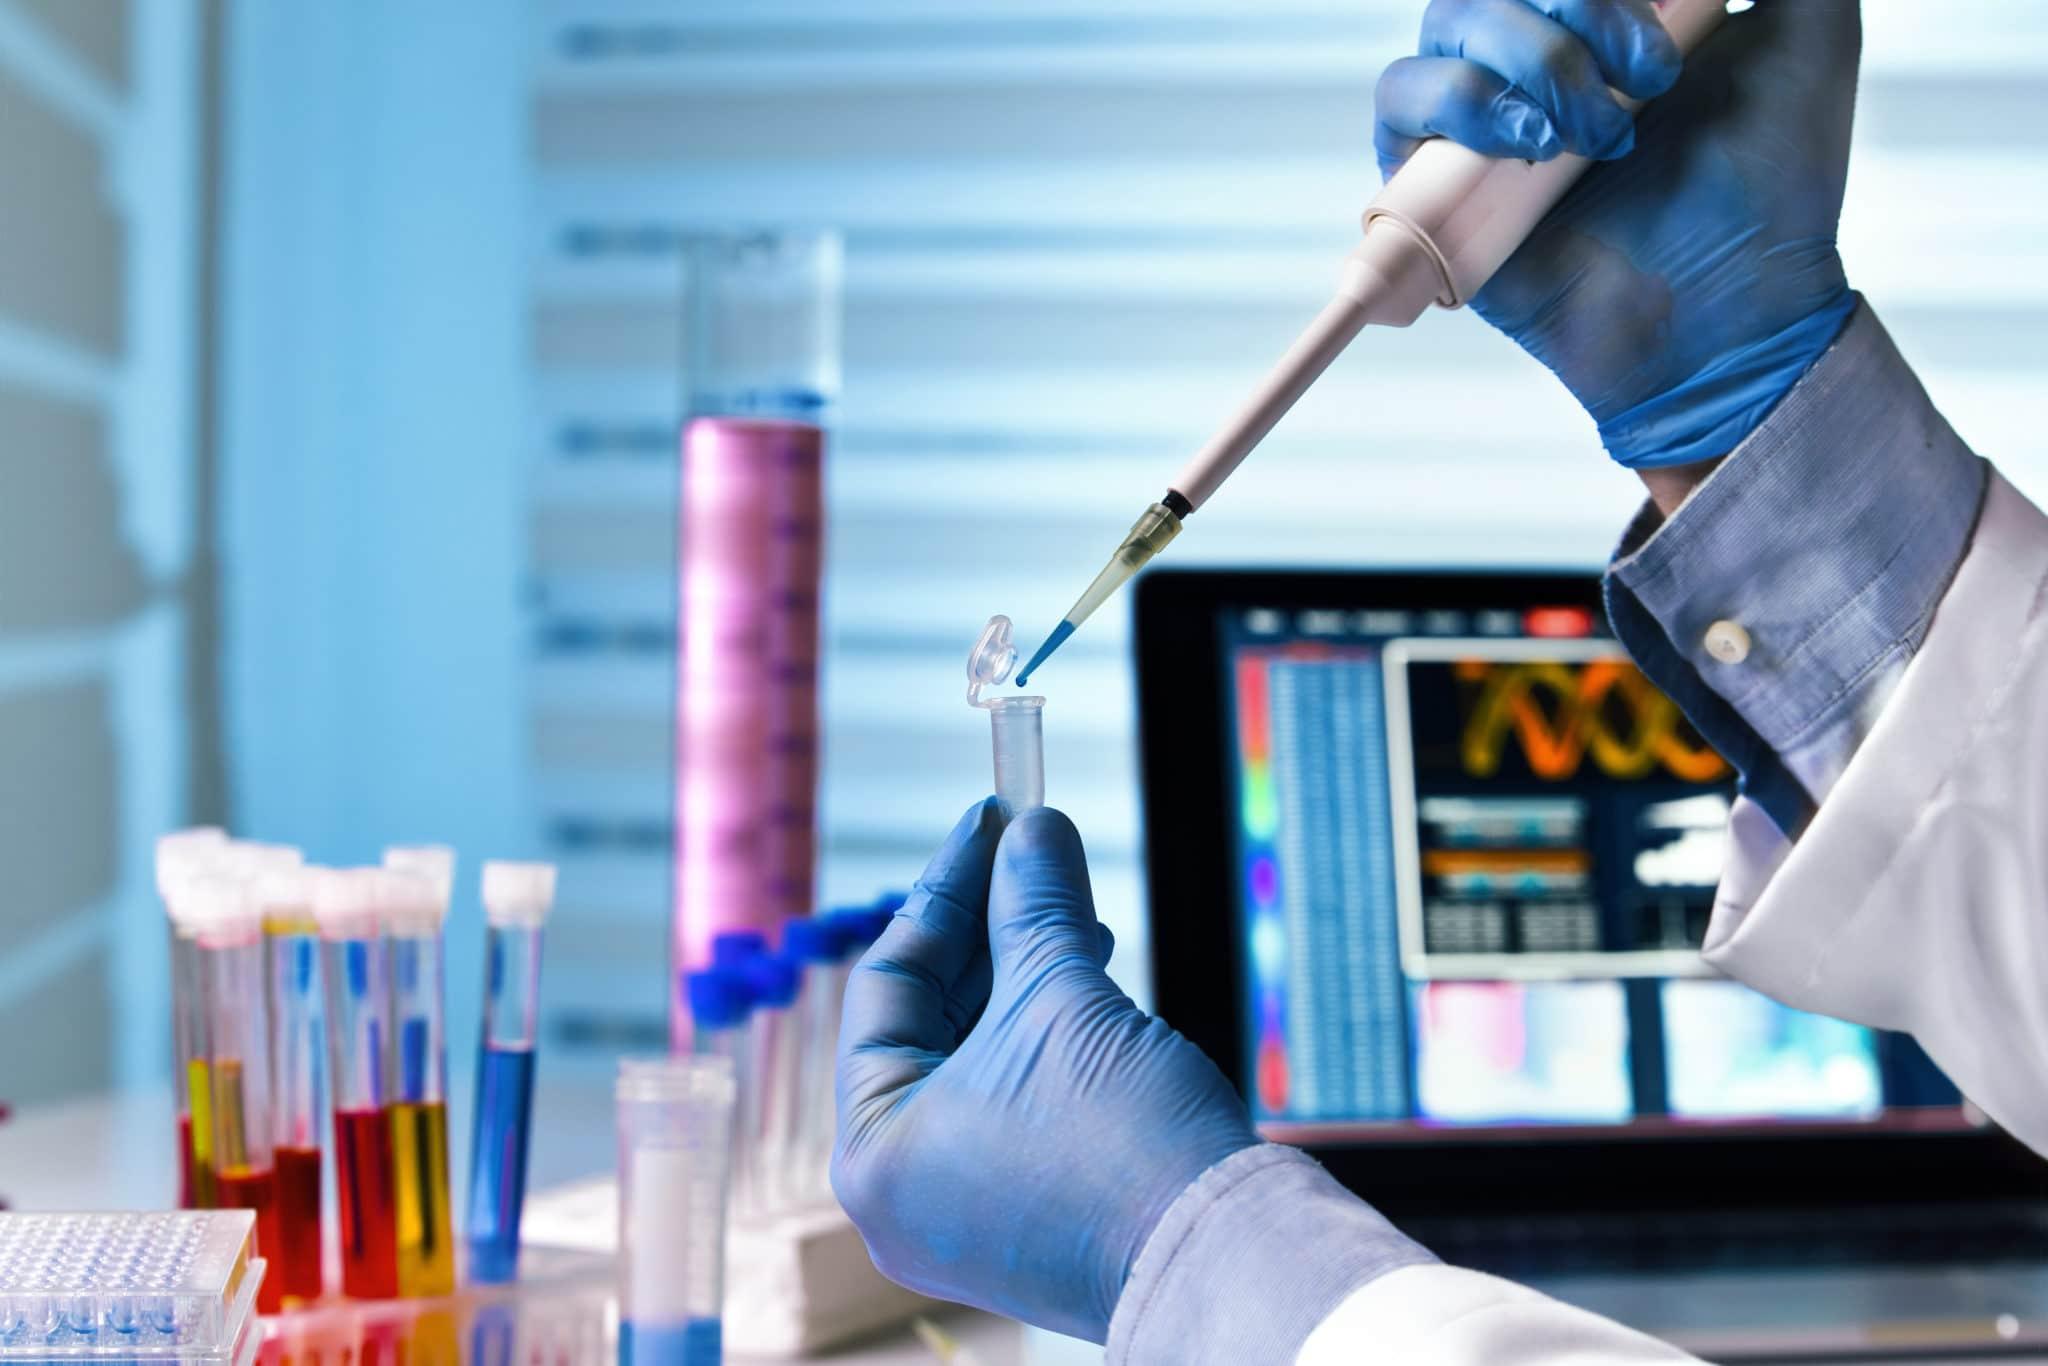 Vaccino Covid, le trattative in Ue dell'industria farmaceutica: tra negoziati segreti, conflitti di interesse e manleva sugli effetti avversi